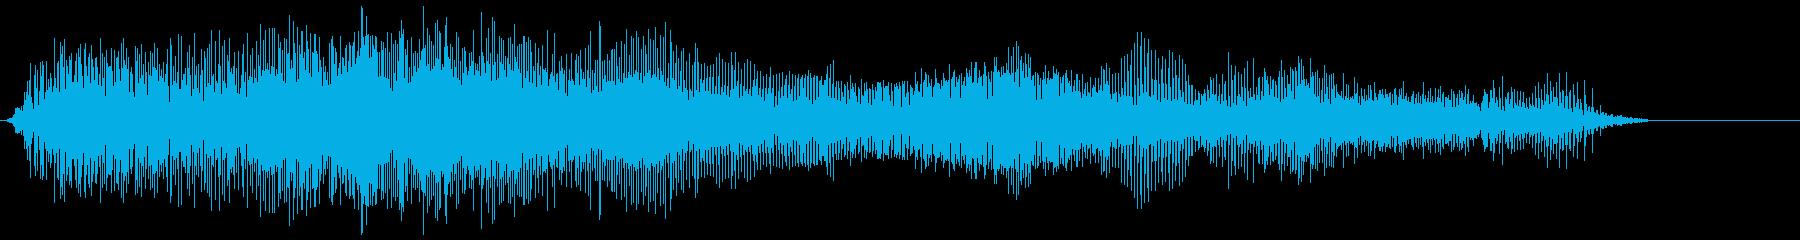 モンスターローグロール4の再生済みの波形